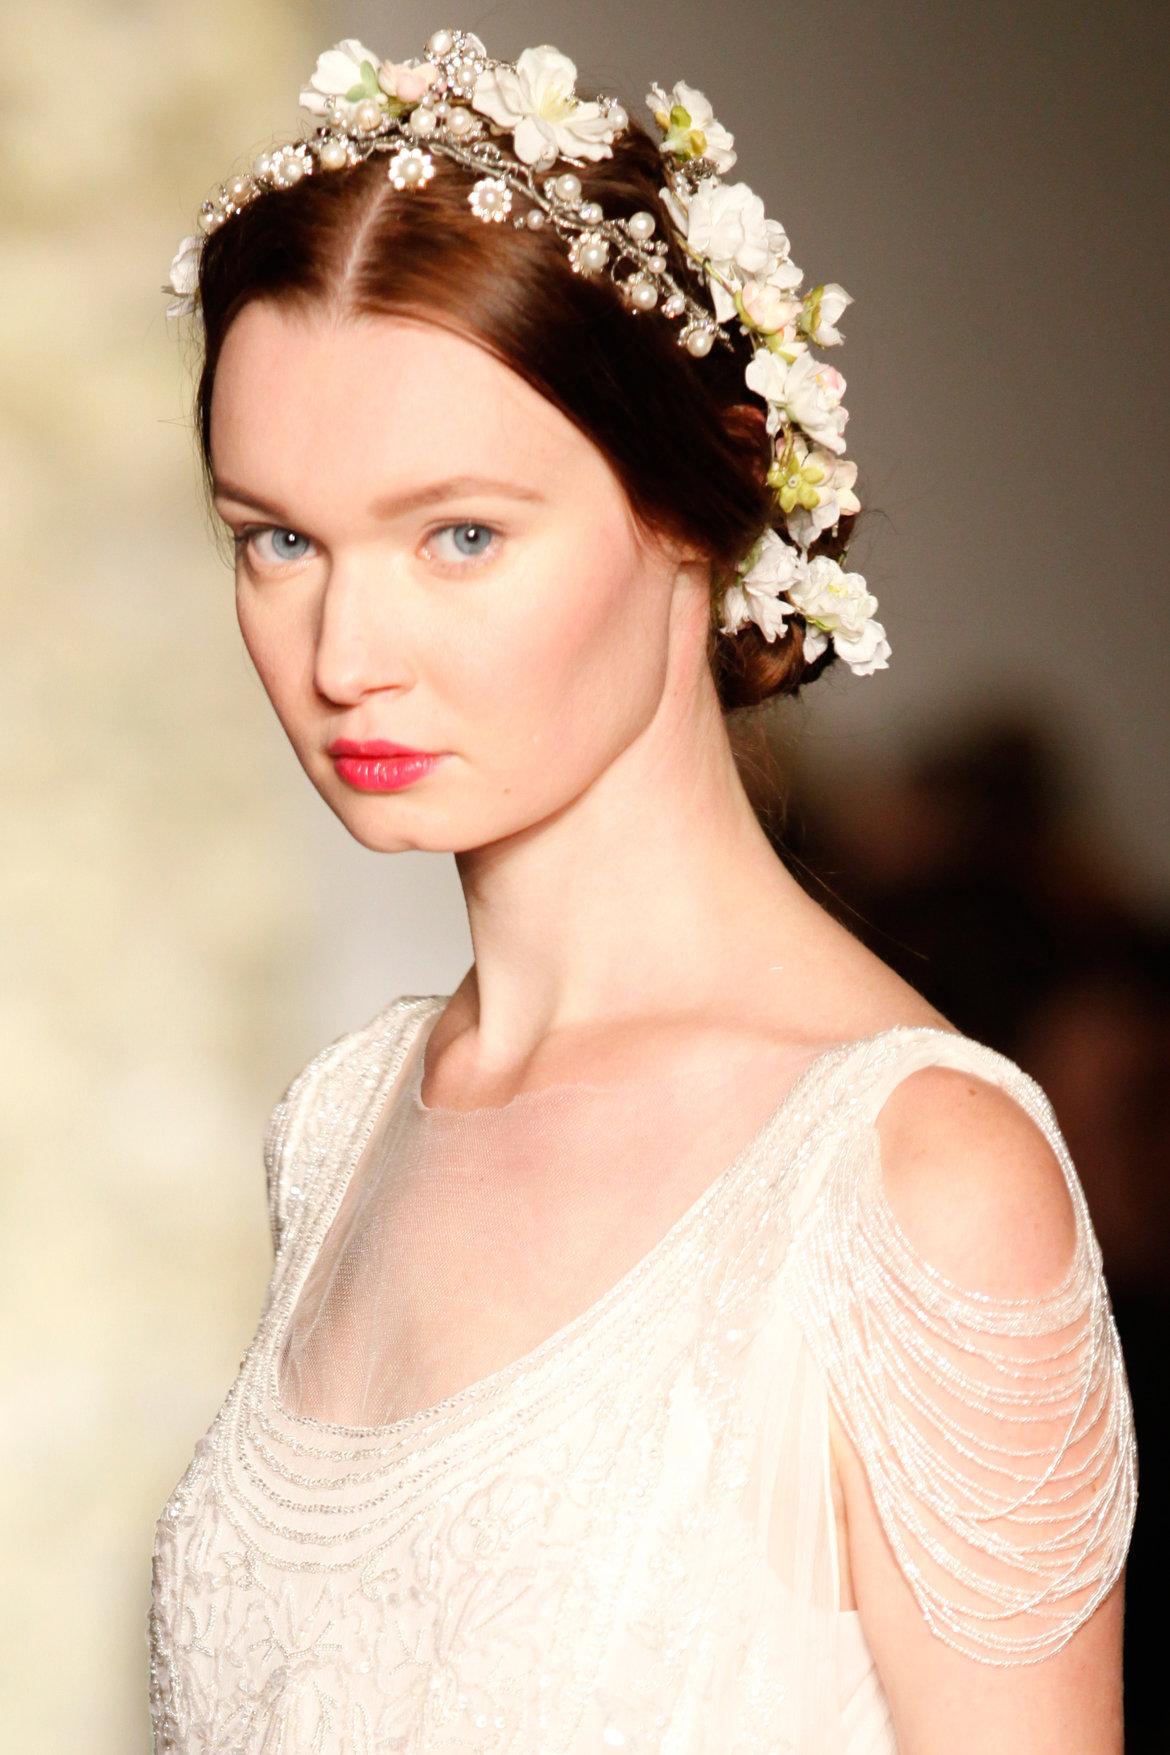 Phenomenal Gorgeous Braided Wedding Hairstyles Bridalguide Short Hairstyles Gunalazisus